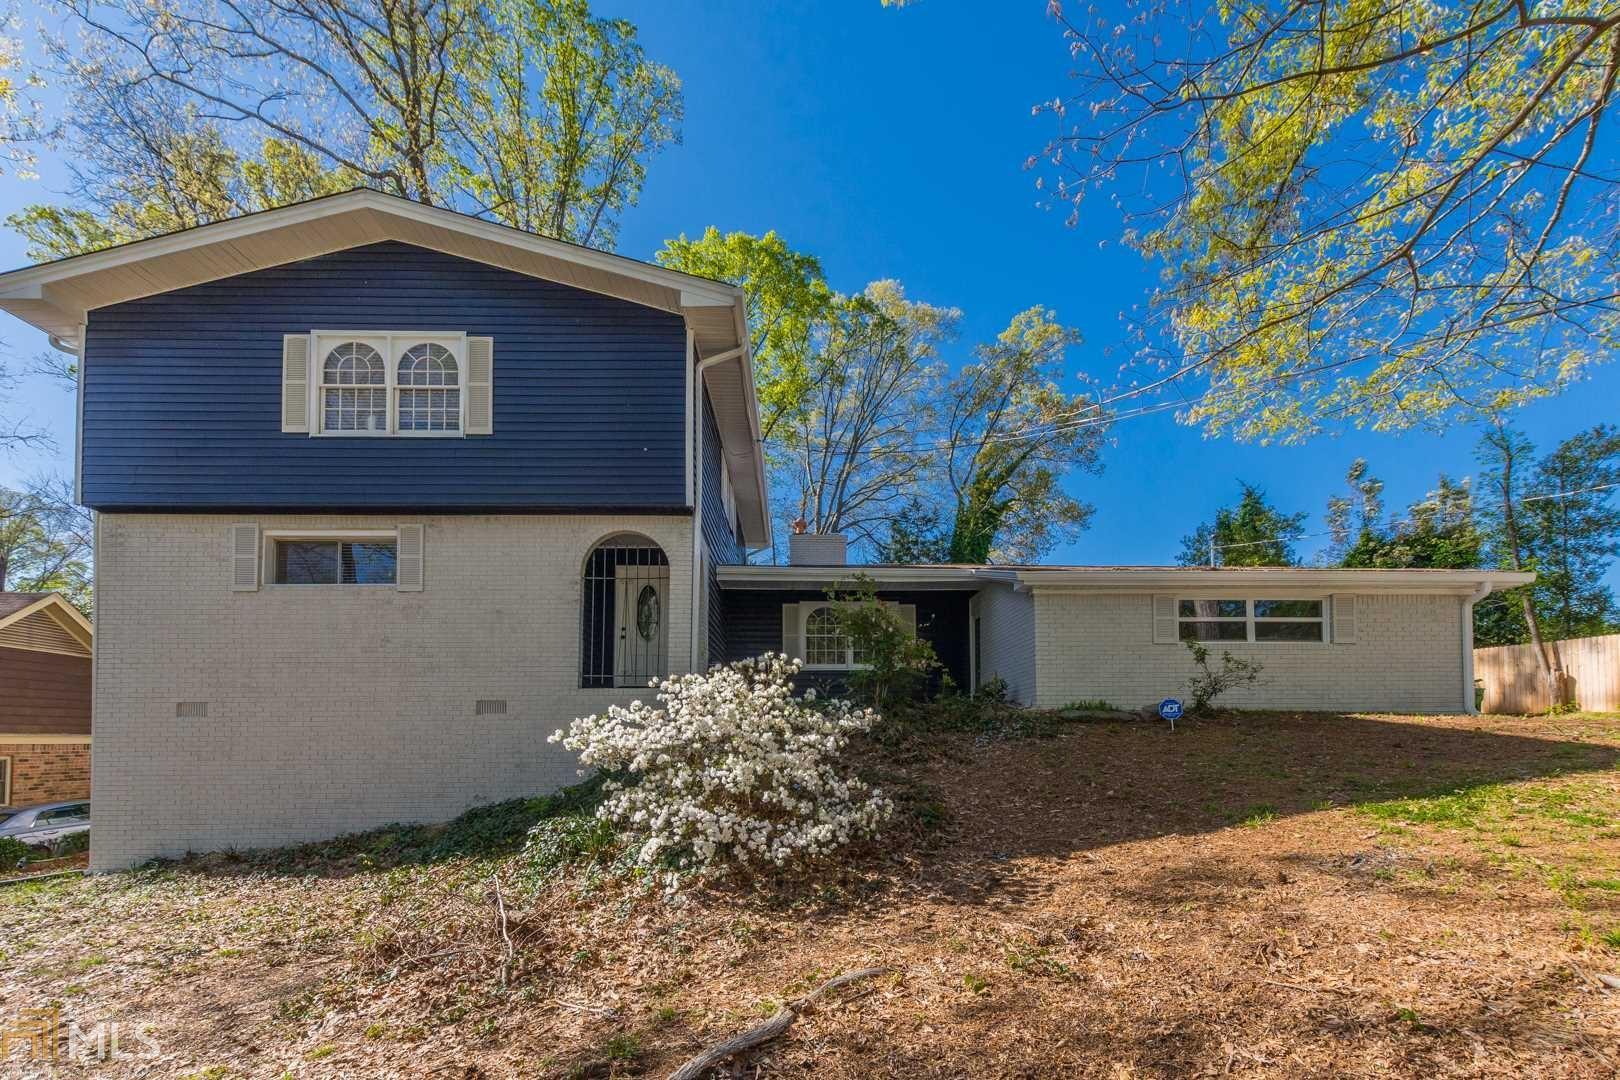 3759 Tree Bark Trl, Decatur, GA 30034 - MLS#: 8765981